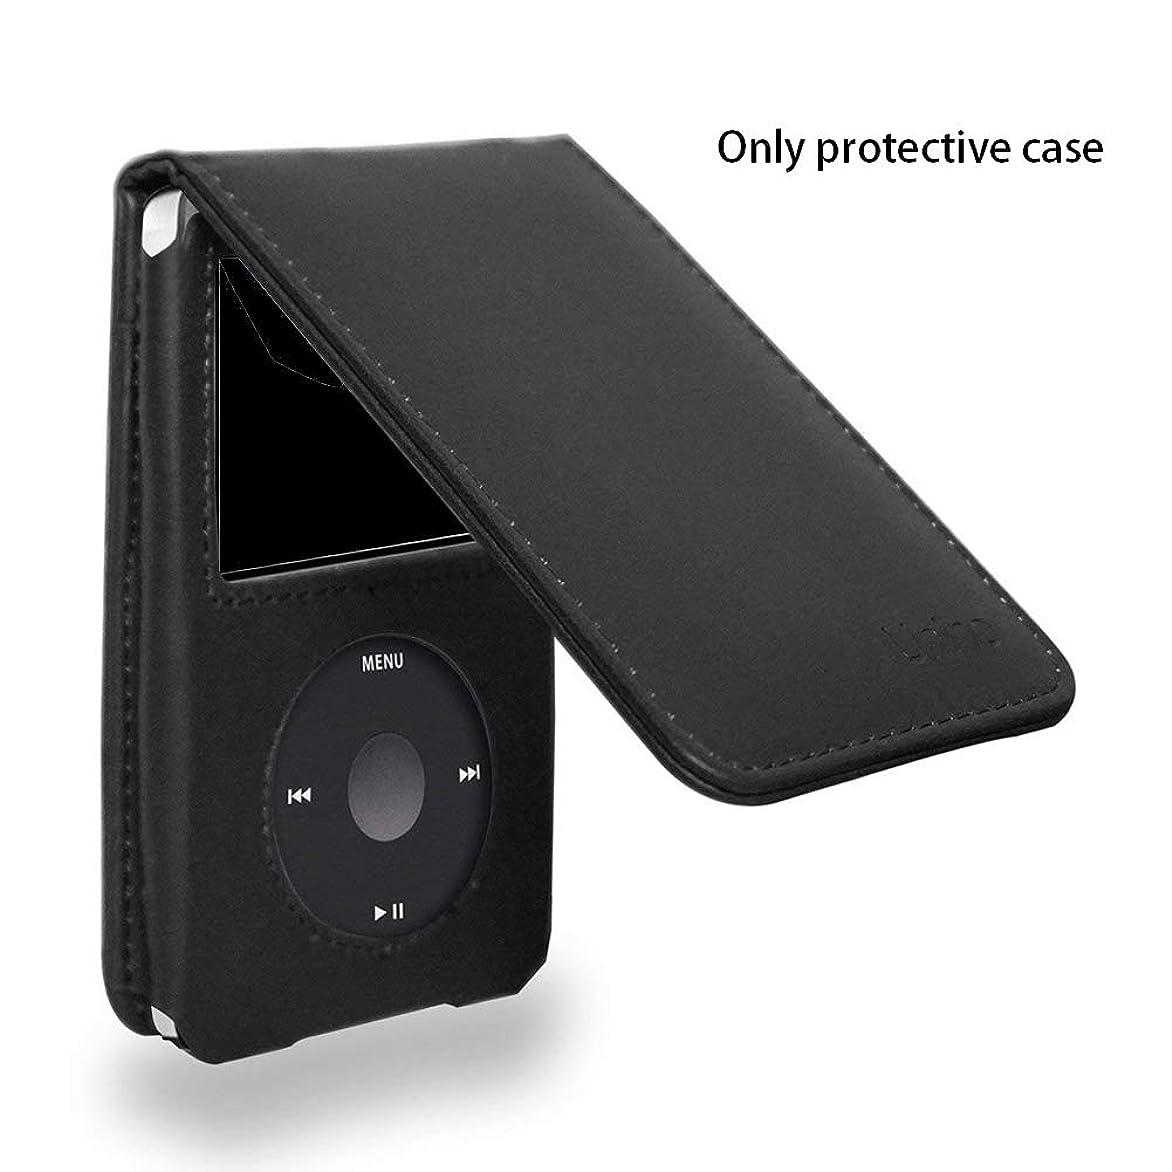 モートメディック食品for iPod Classic用ブラックPUレザーケースカバー、フルカバー保護ケース、アンチショック、取り外し可能クリップとスクリーンプロテクター付き。-For iPod Classic 160G、120G用(Black)